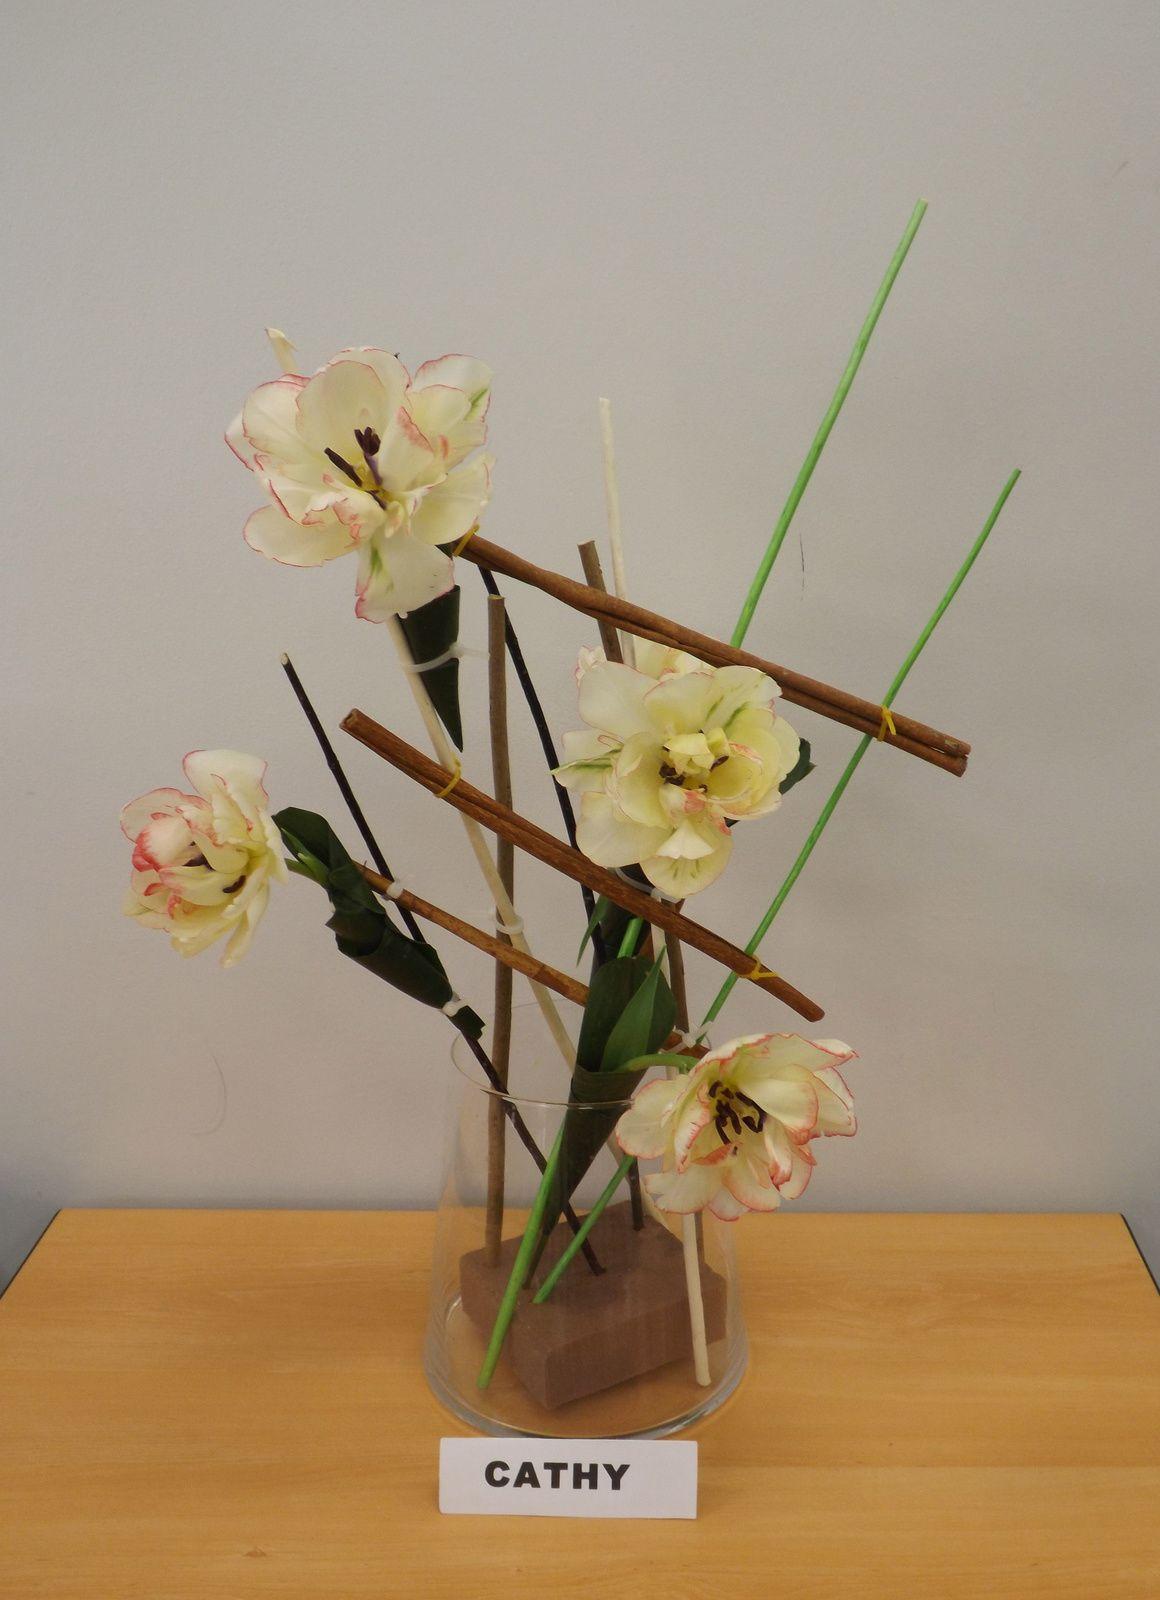 Cours réalisé avec différentes sortes de bois, de la cannelle, des tulipes et des tubes a orchidées entouré d'aspidistra.